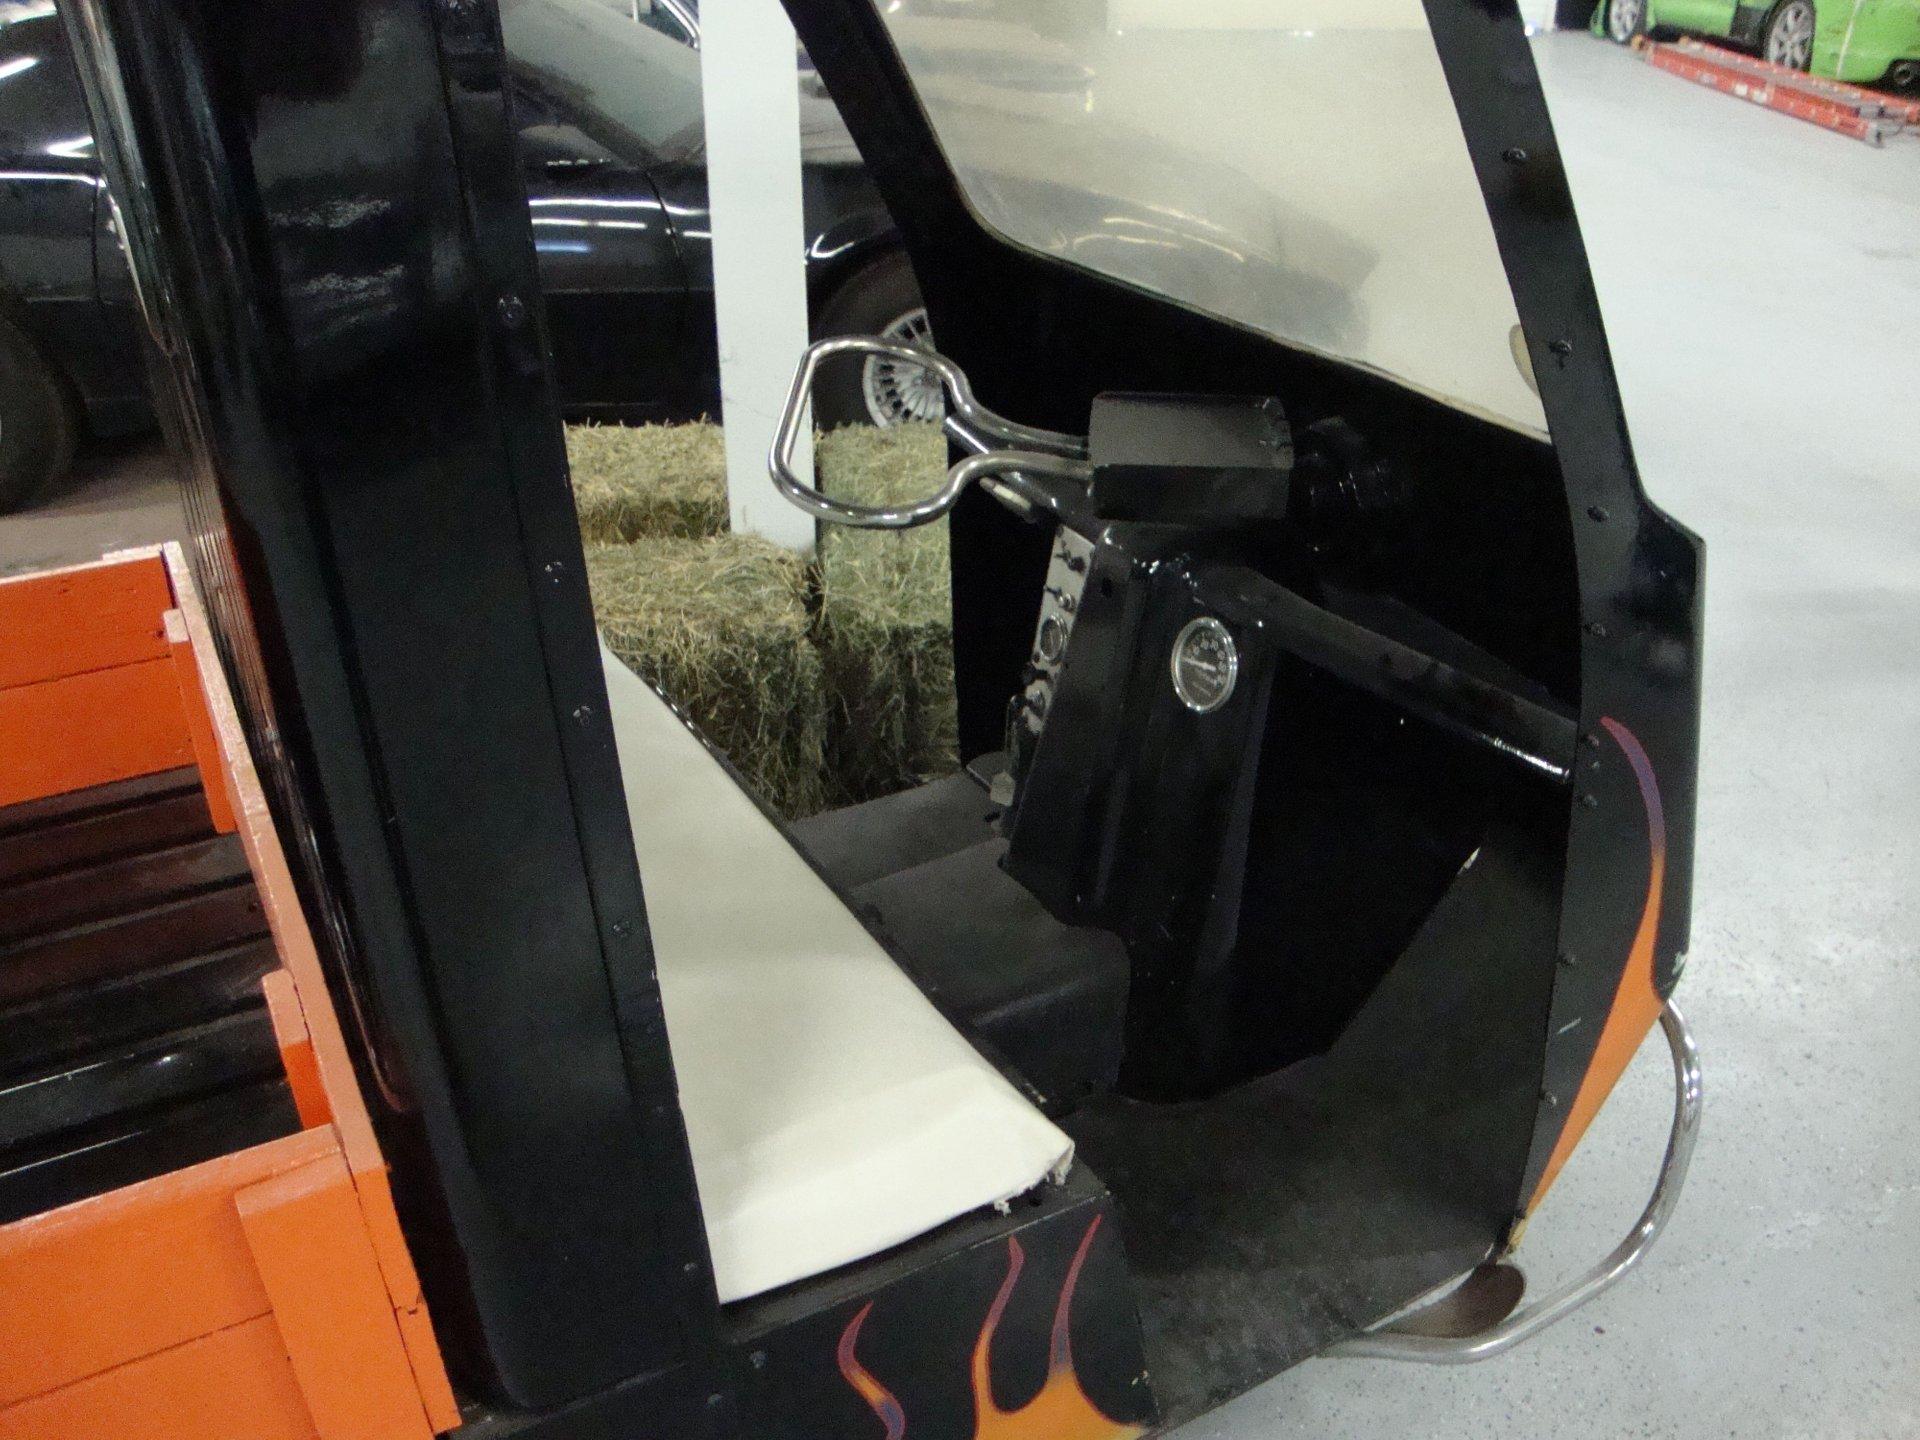 1968 harley davidson fairway truck